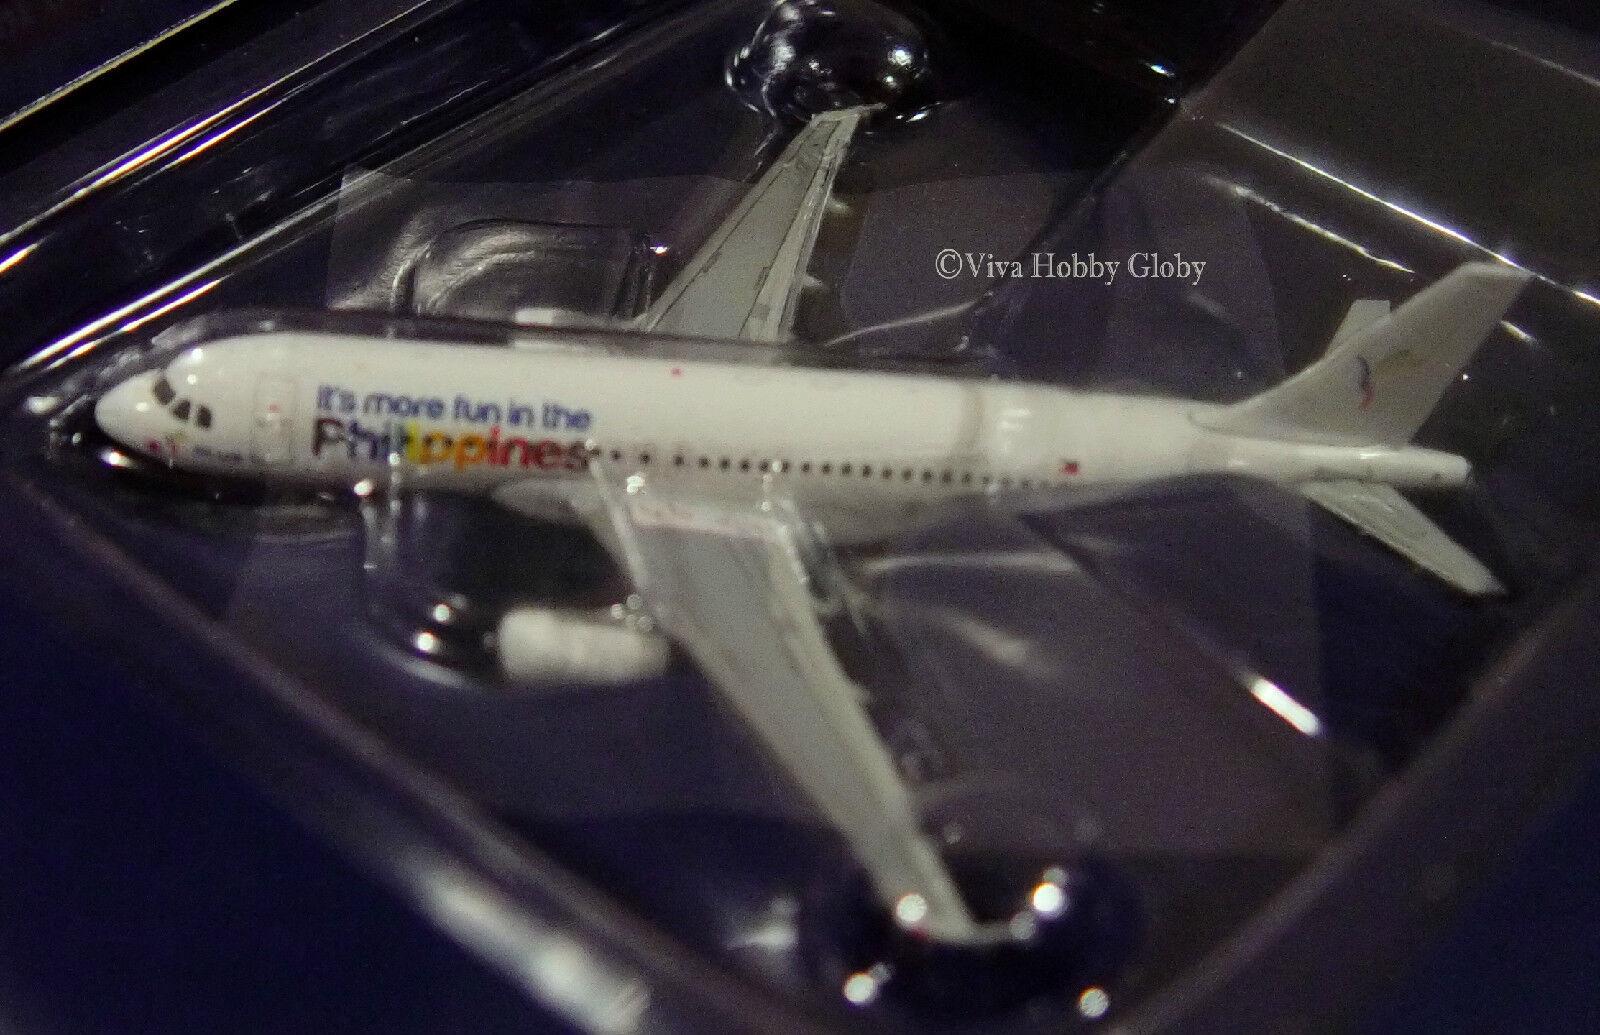 Gemini - jets jets jets seair airbus a320-200 gjsrq1224 1   400, reg   rp-c6319.neue 71822f